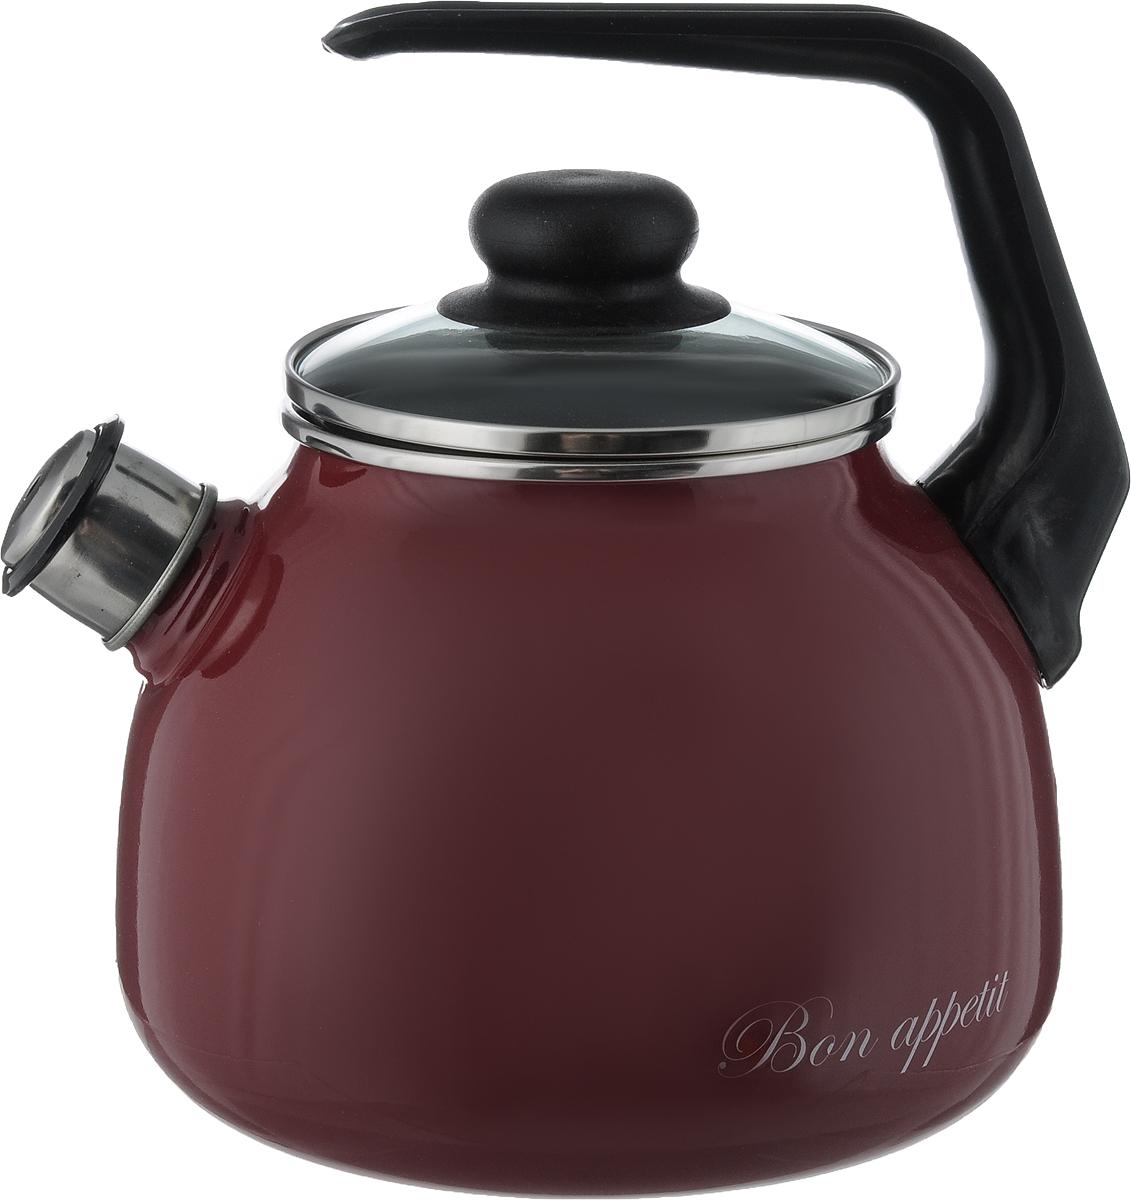 Чайник Vitross Bon Appetit, со свистком, цвет: черный, вишневый, 3 л1RС12Чайник Vitross Bon Appetit изготовлен из высококачественной нержавеющей стали с эмалированным покрытием. Нержавеющая сталь обладает высокой устойчивостью к коррозии, не вступает в реакцию с холодными и горячими продуктами и полностью сохраняет их вкусовые качества. Особая конструкция дна способствует высокой теплопроводности и равномерному распределению тепла. Чайник оснащен удобной ручкой. Носик чайника имеет снимающийся свисток, звуковой сигнал которого подскажет, когда закипит вода. Подходит для всех типов плит, включая индукционные. Можно мыть в посудомоечной машине.Диаметр чайника (по верхнему краю): 12,5 см.Высота чайника (без учета ручки и крышки): 14 см.Высота чайника (с учетом ручки): 24 см.